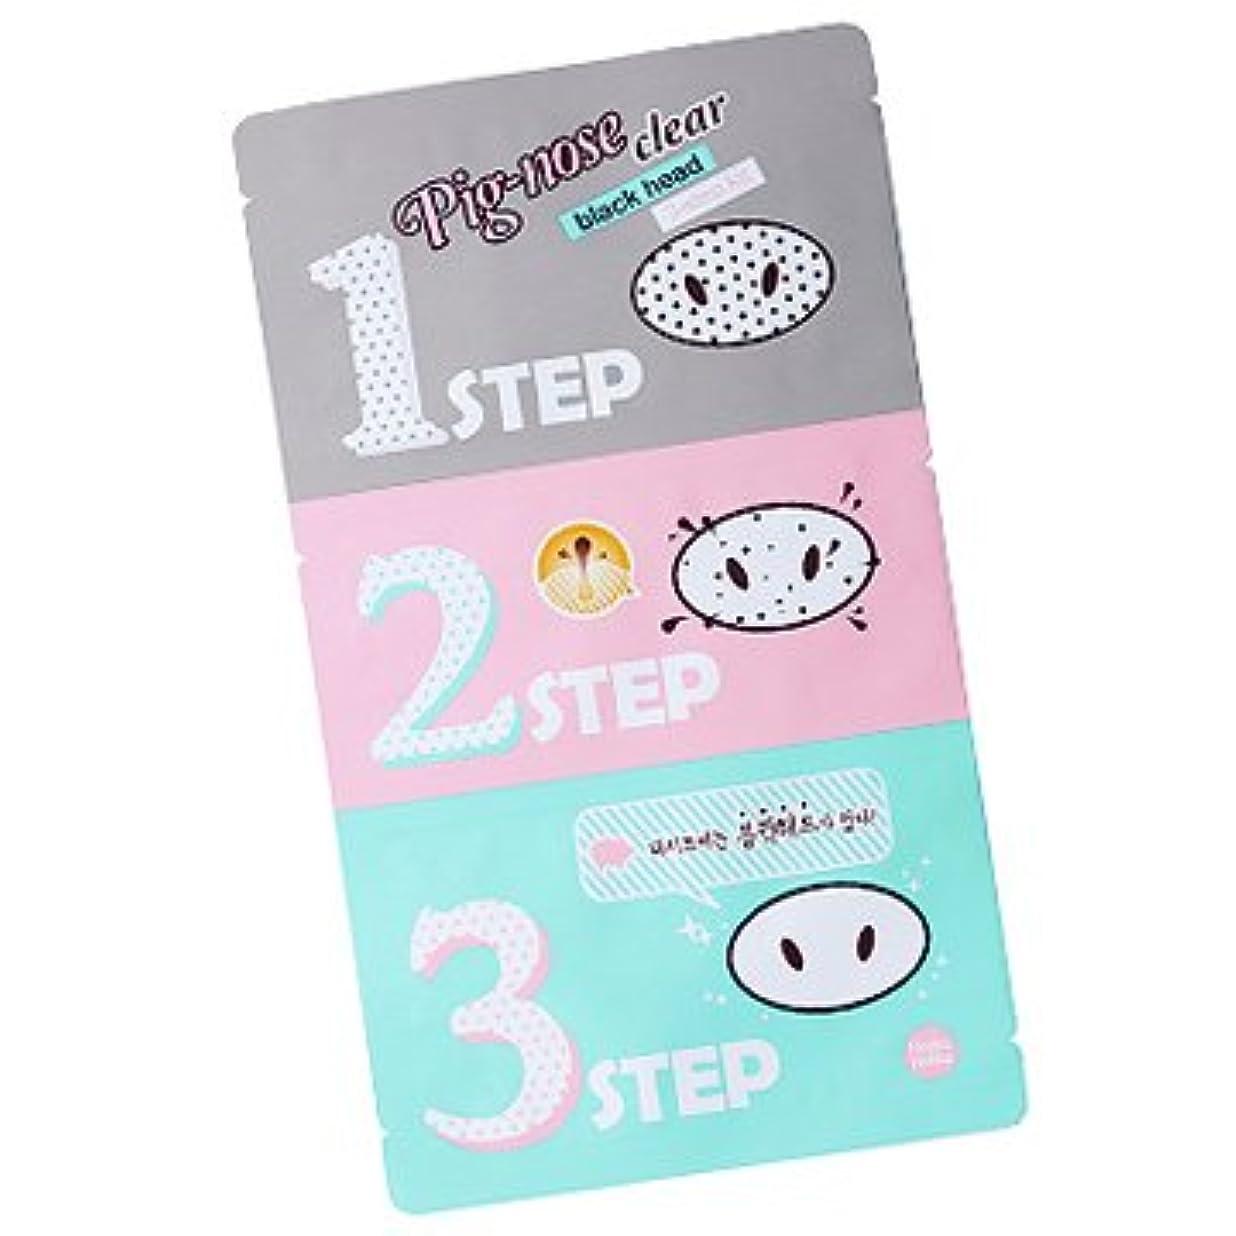 できない豊富な日Holika Holika Pig Nose Clear Black Head 3-Step Kit 10EA (Nose Pack) ホリカホリカ ピグノーズクリアブラックヘッド3-Stepキット(鼻パック) 10pcs...